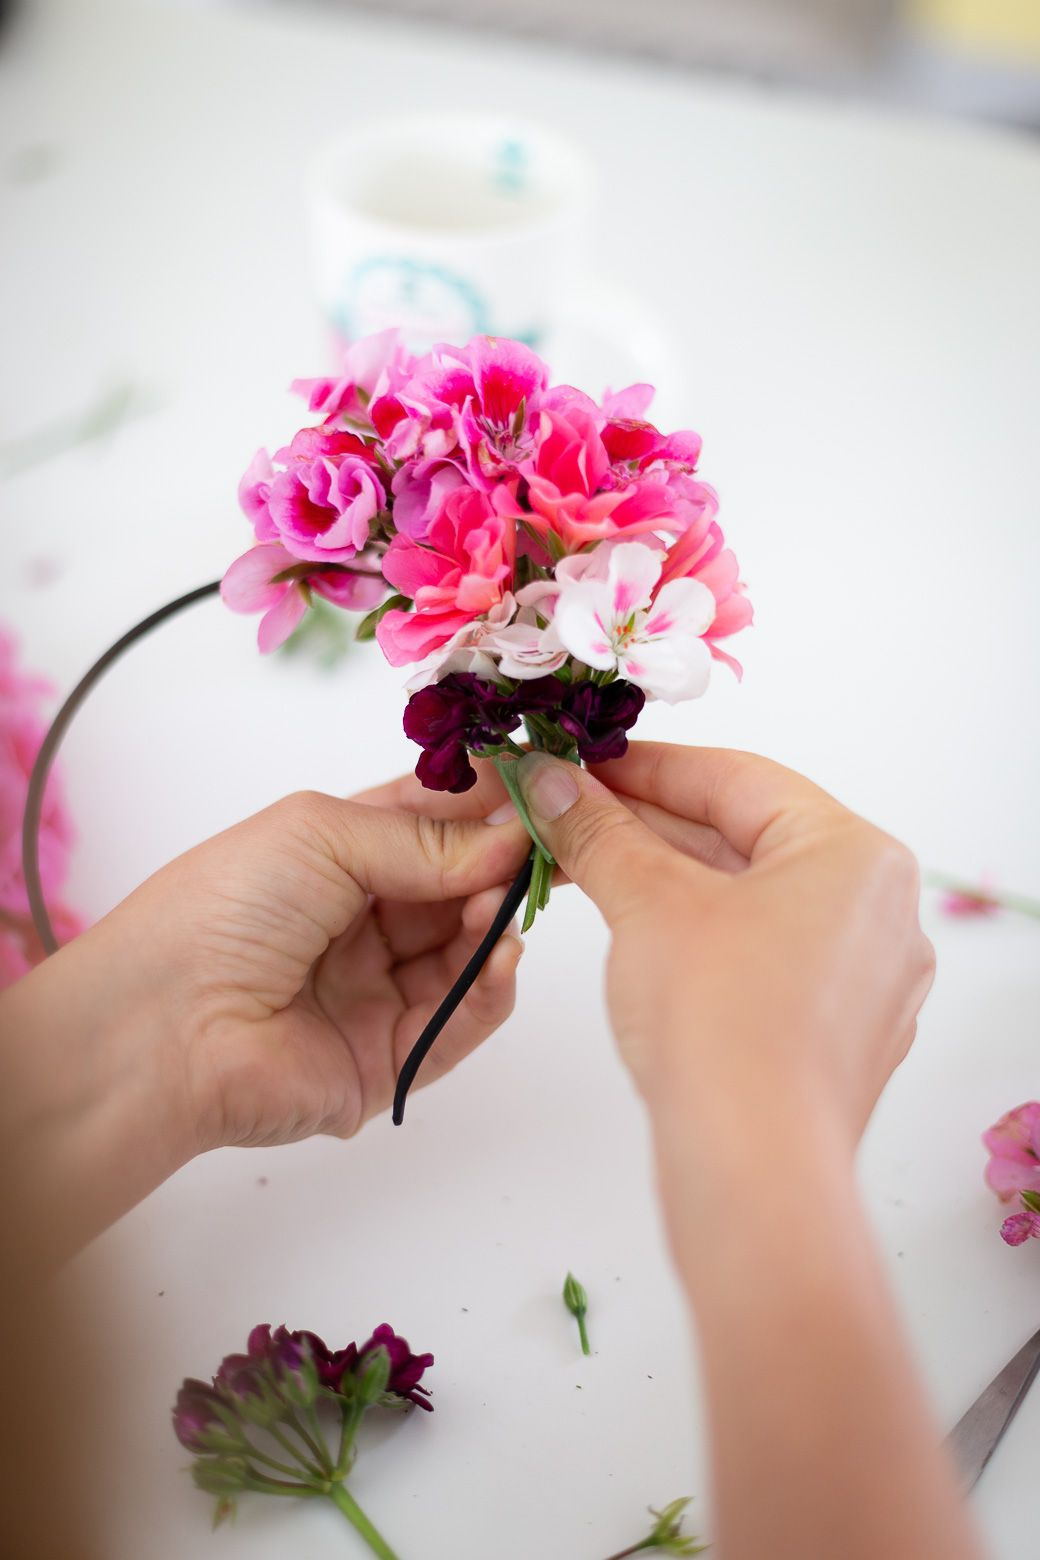 Comment Faire Un Bouquet De Roses comment faire un headband à fleurs fraîches ? | tiara say